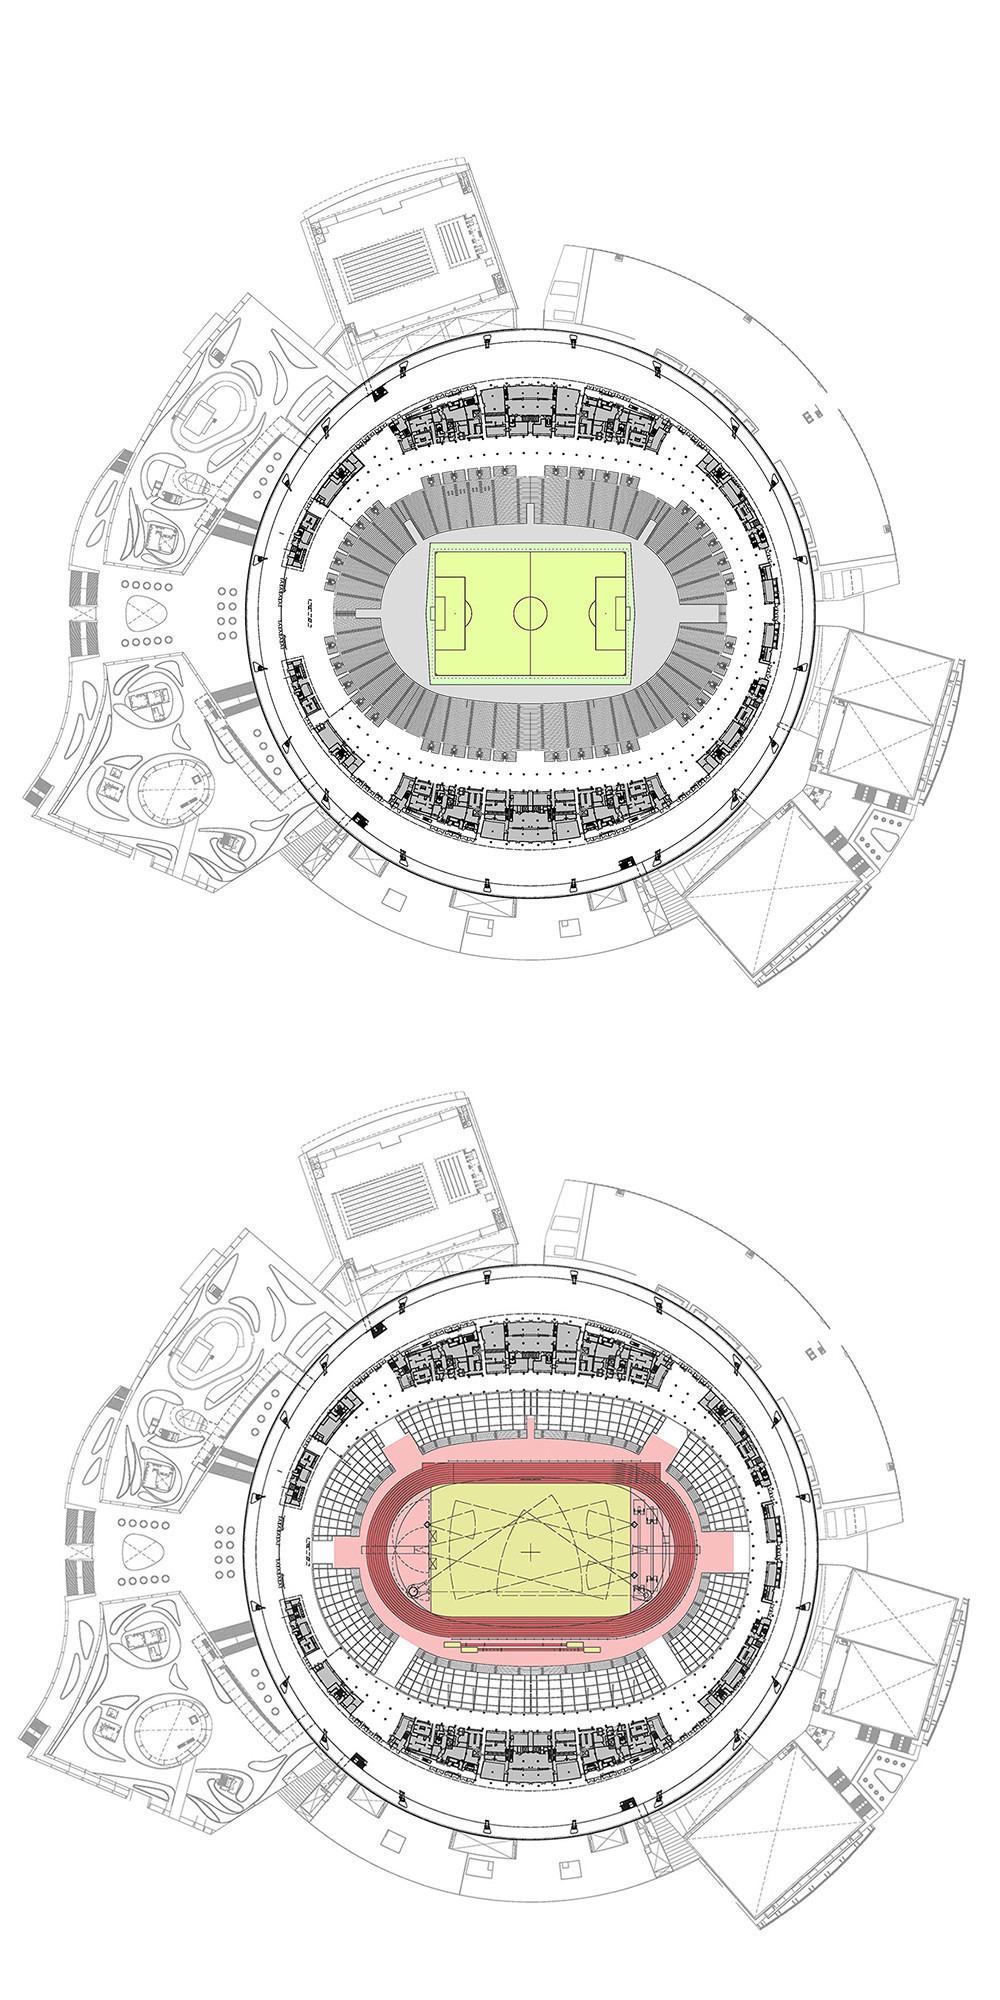 Diseño dinámico - planta del estadio para atletismo y fútbol. Foto: Arup Associates